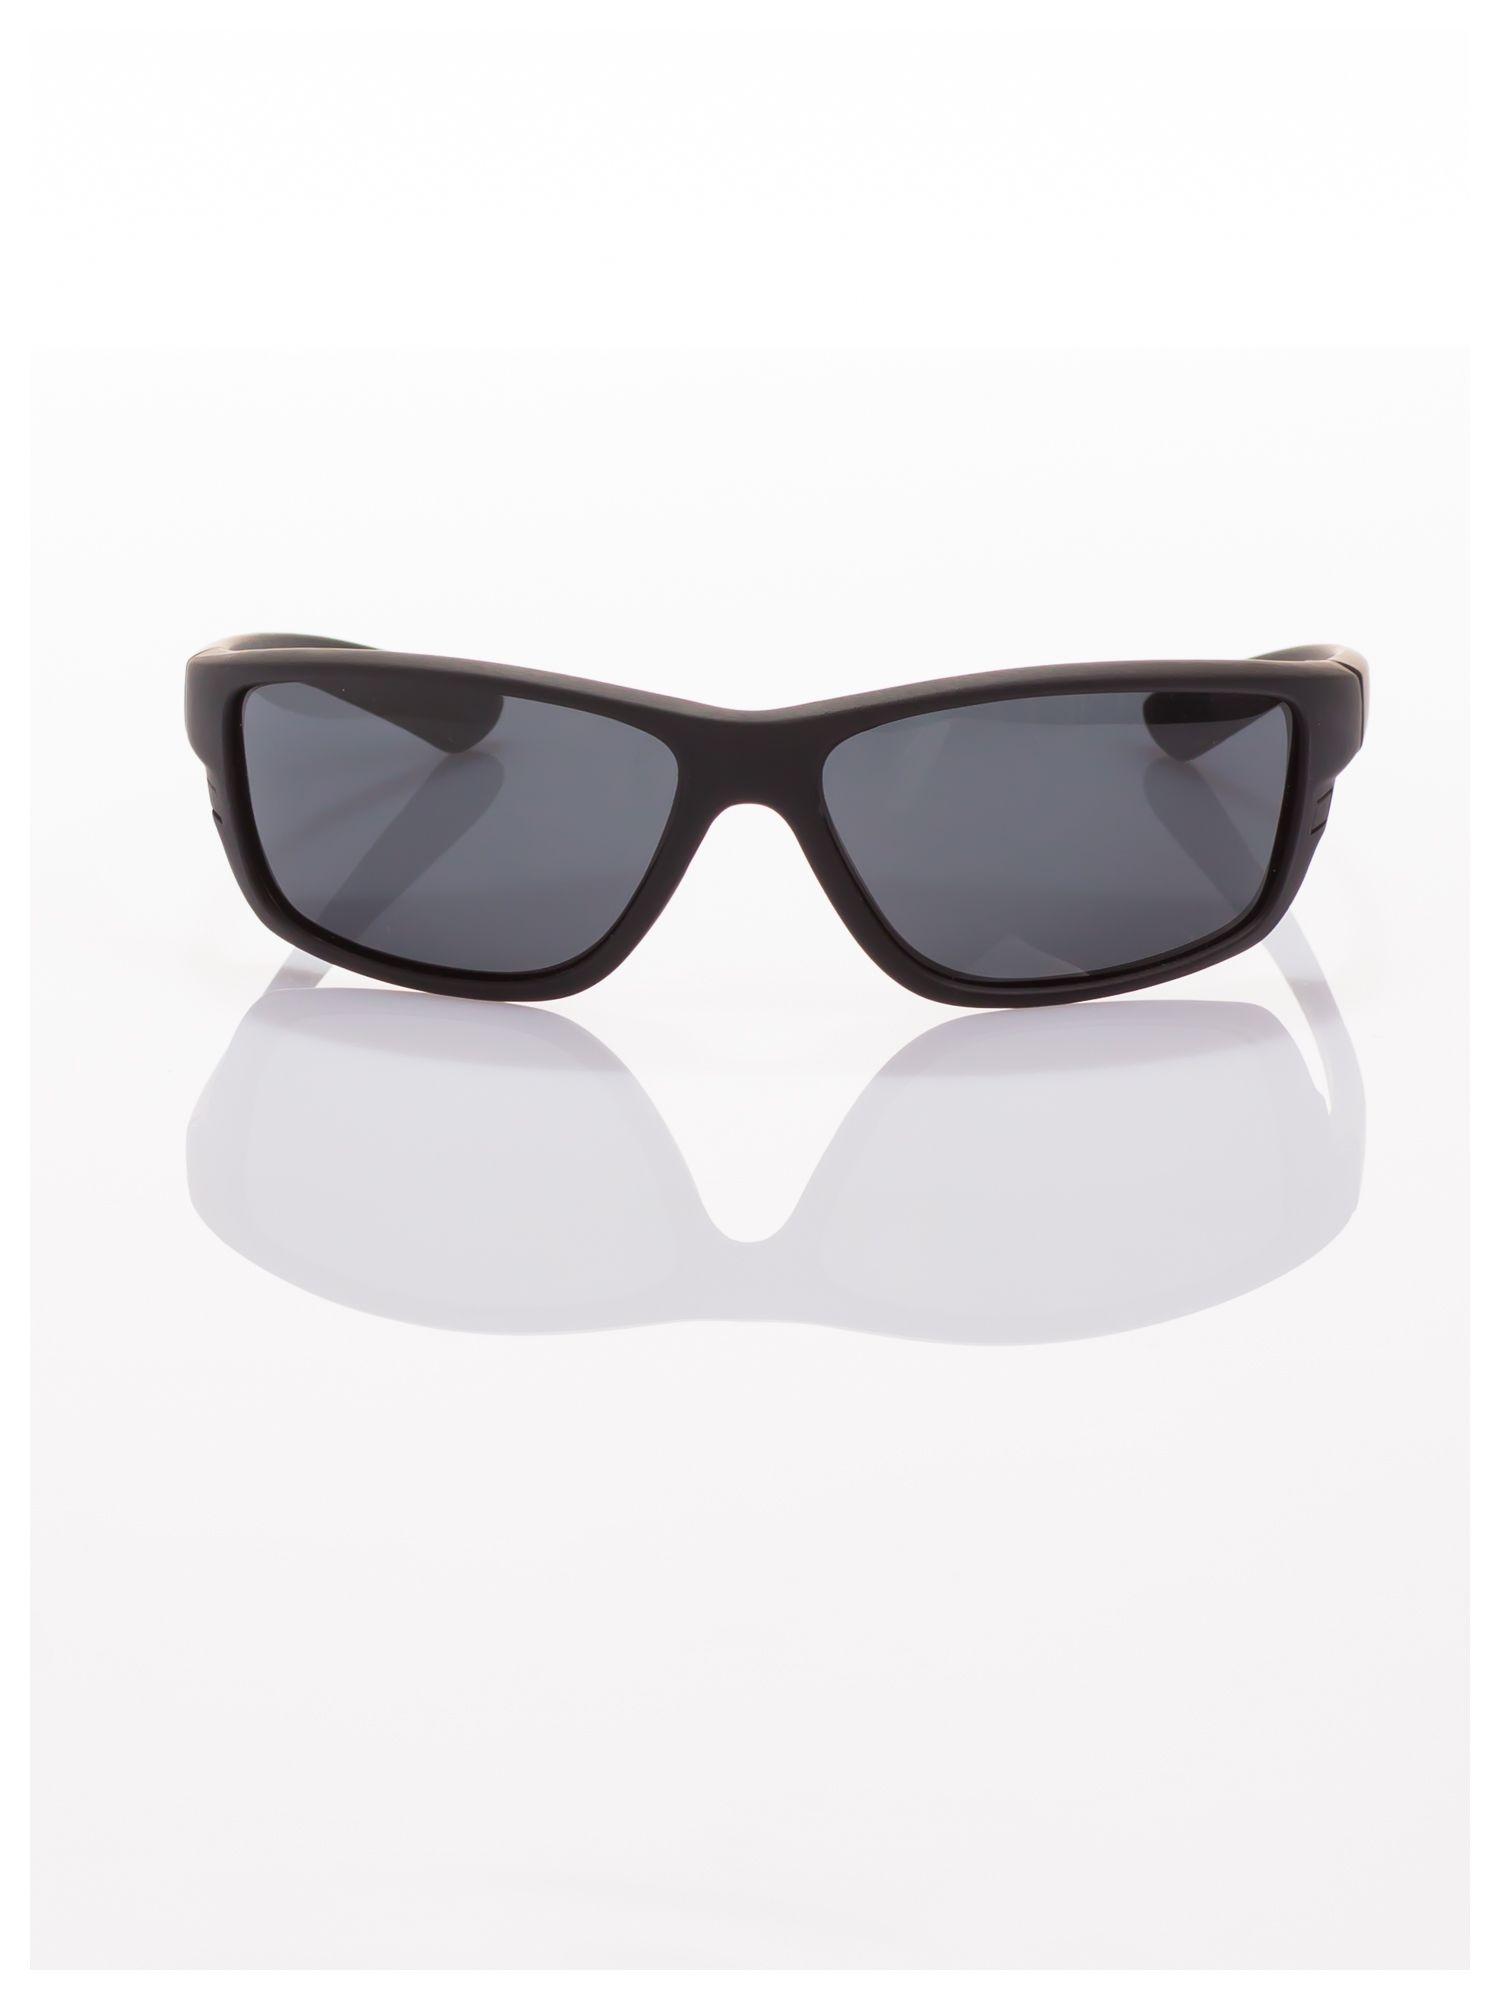 Sportowe POLARYZACYJNE  męskie okulary przeciwsłoneczne - antypoślizgowa oprawka  +GRATISY                                  zdj.                                  2